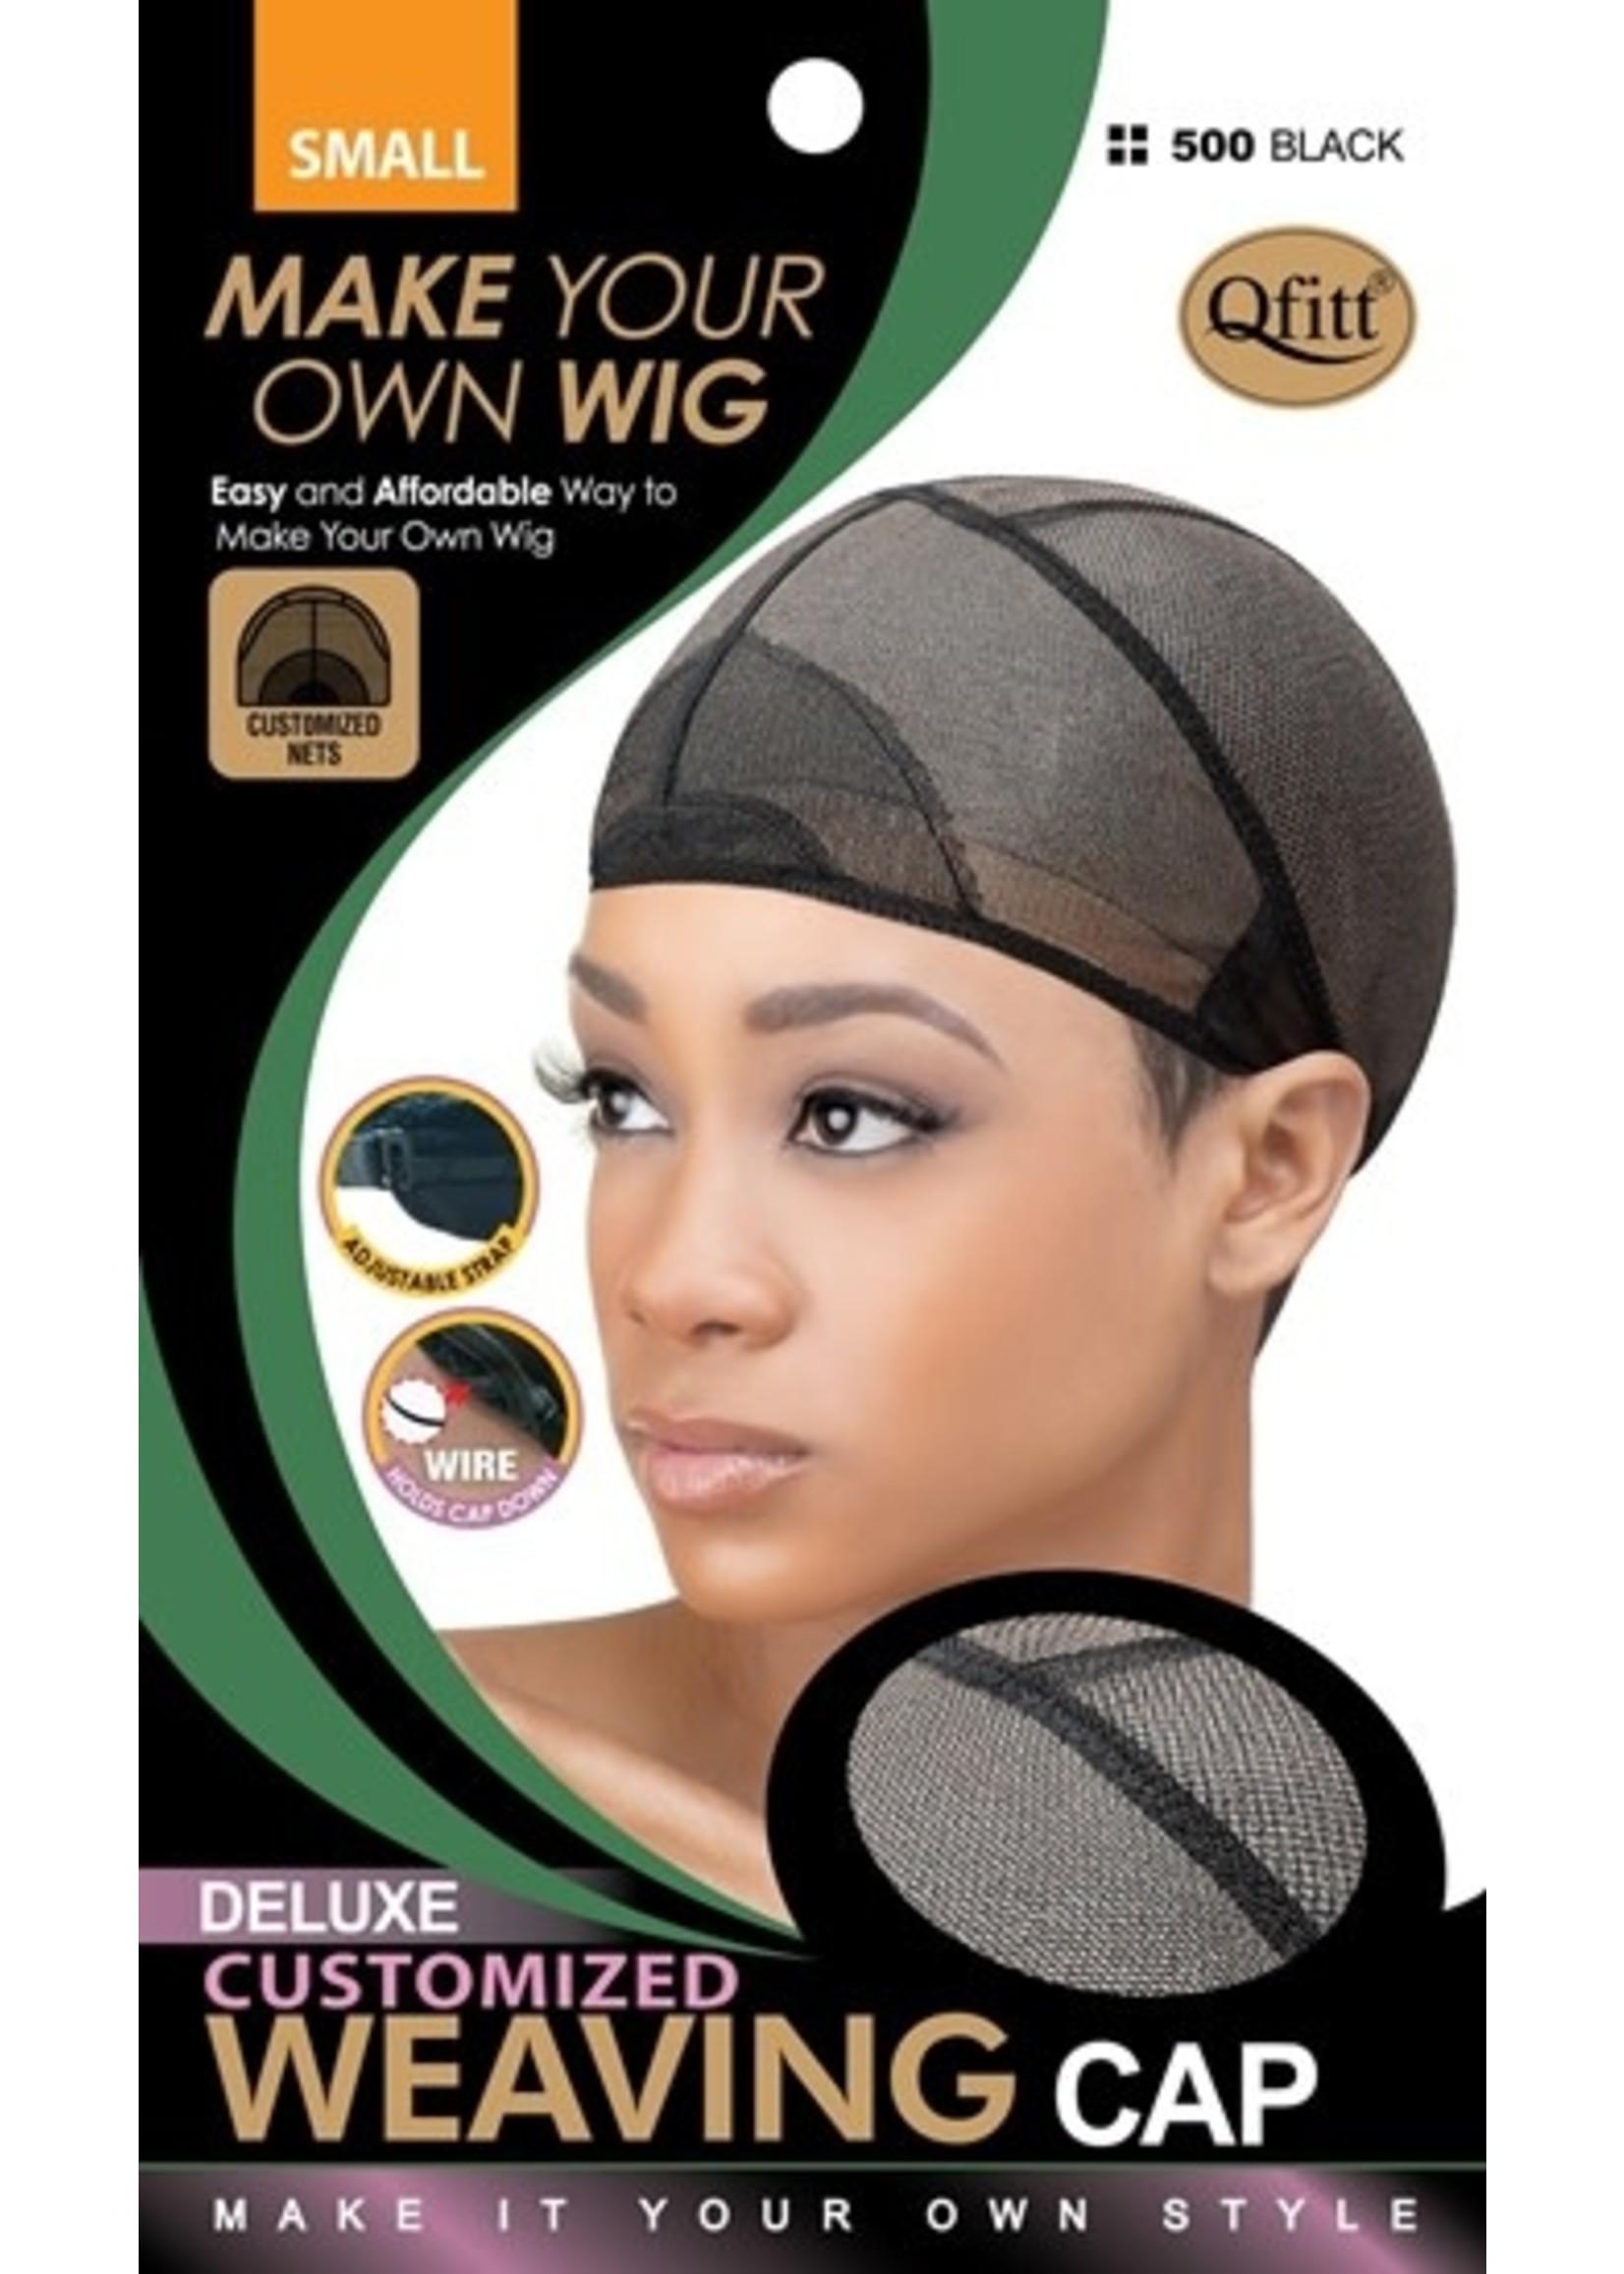 Qfitt Deluxe Customized Weaving Cap XL